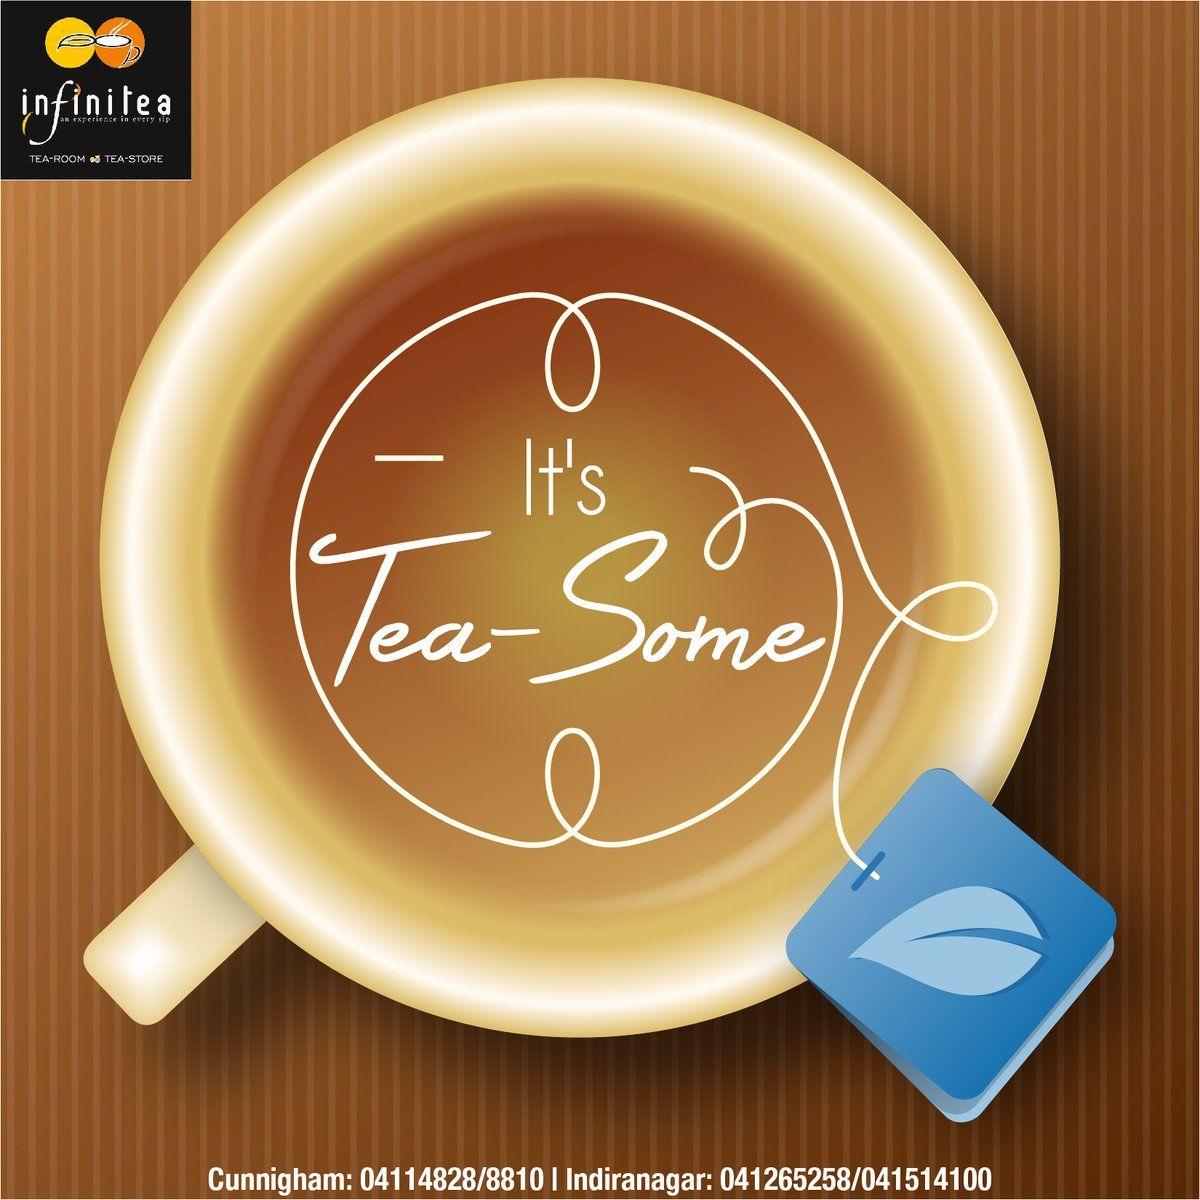 infinitea (infiniteaBlr) Twitter (With images) Tea